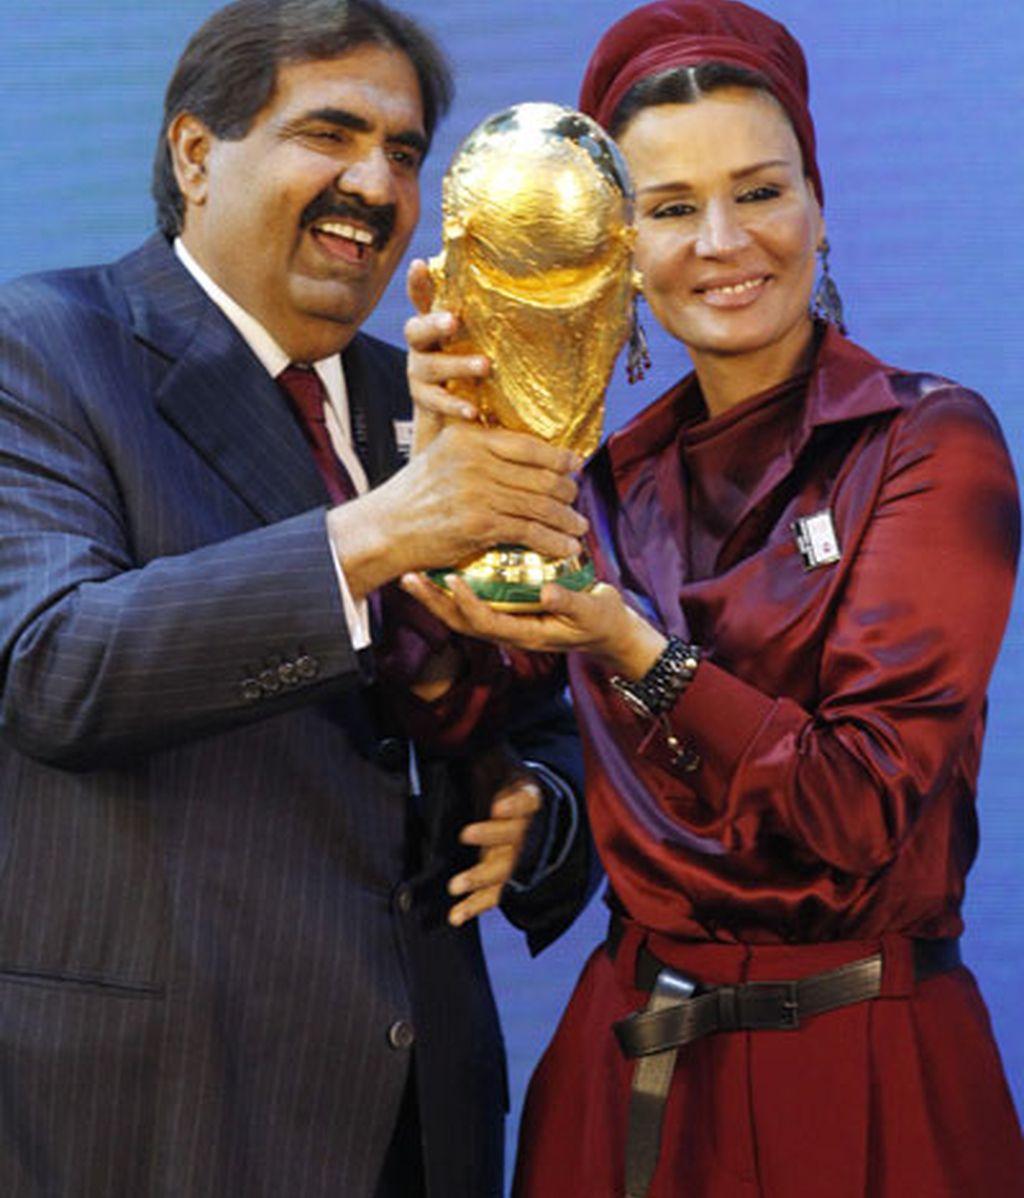 catar celebrará el mundial de 2022